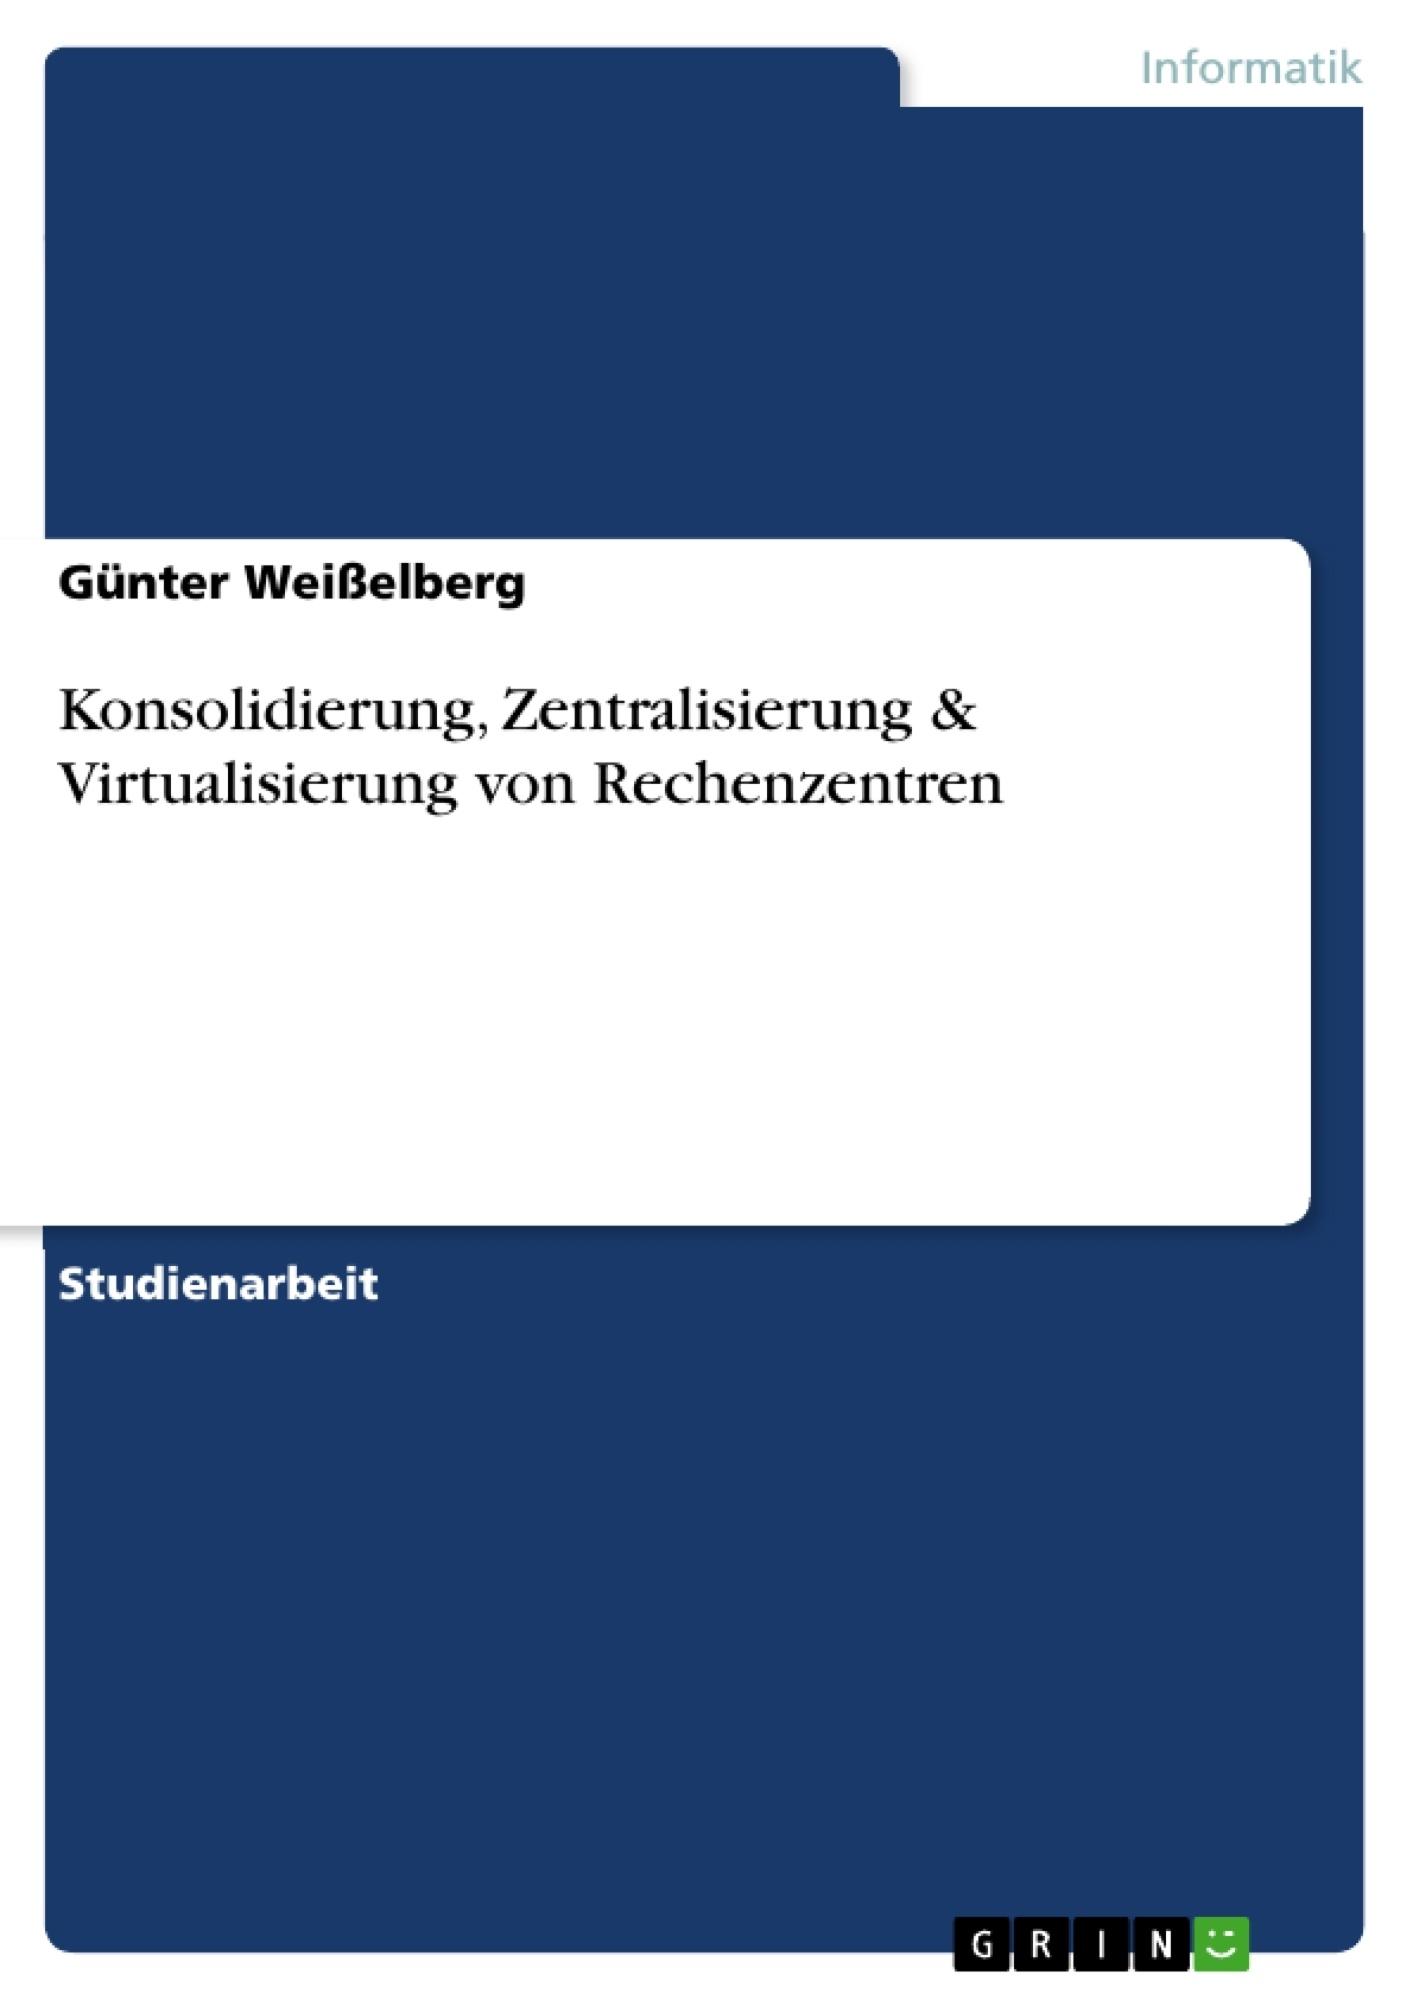 Titel: Konsolidierung, Zentralisierung & Virtualisierung von Rechenzentren